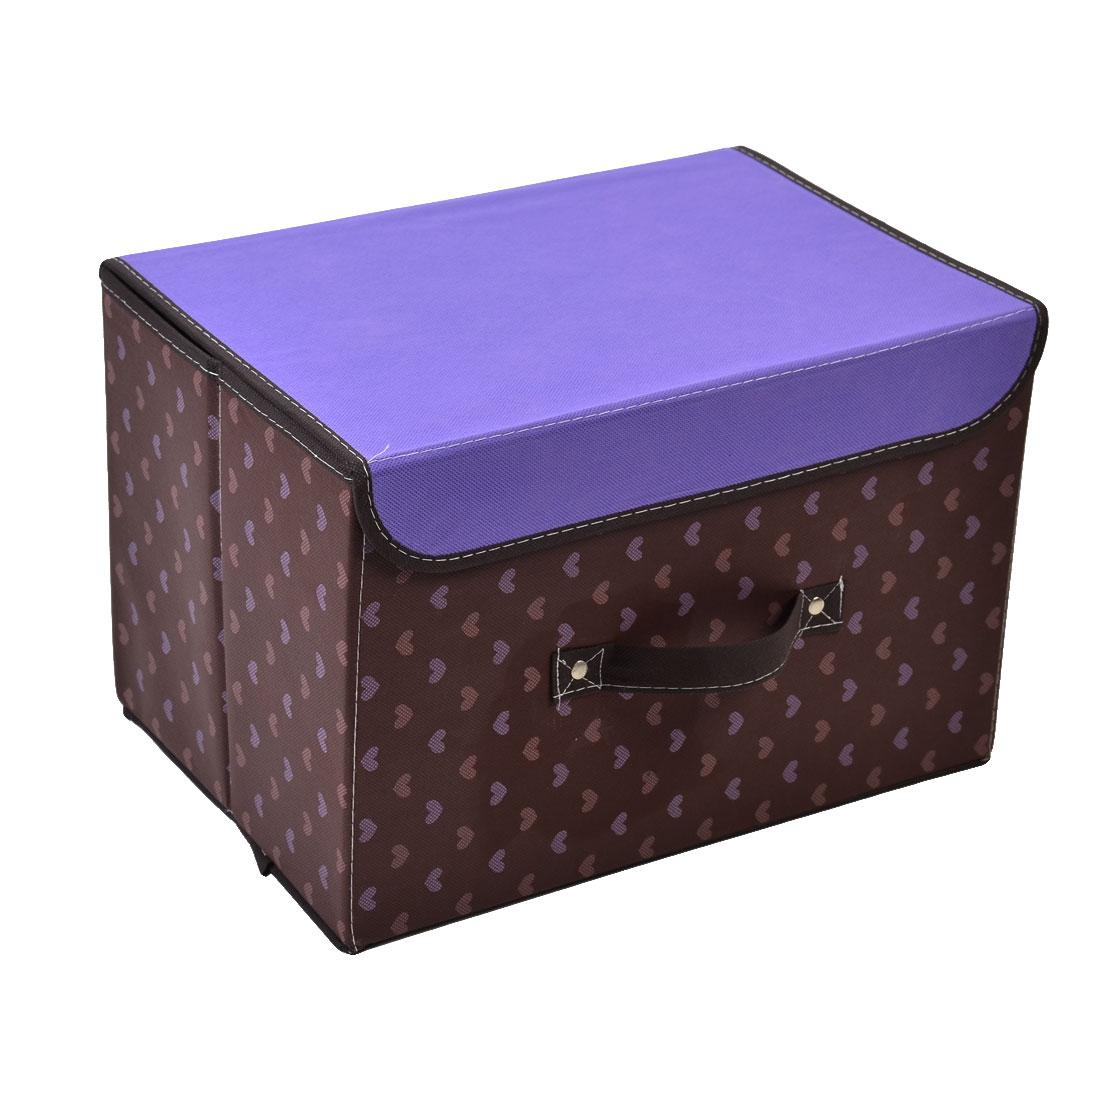 Non-woven Fabric Heart Pattern Clothes Underwear Storage Box Purple Coffee Color